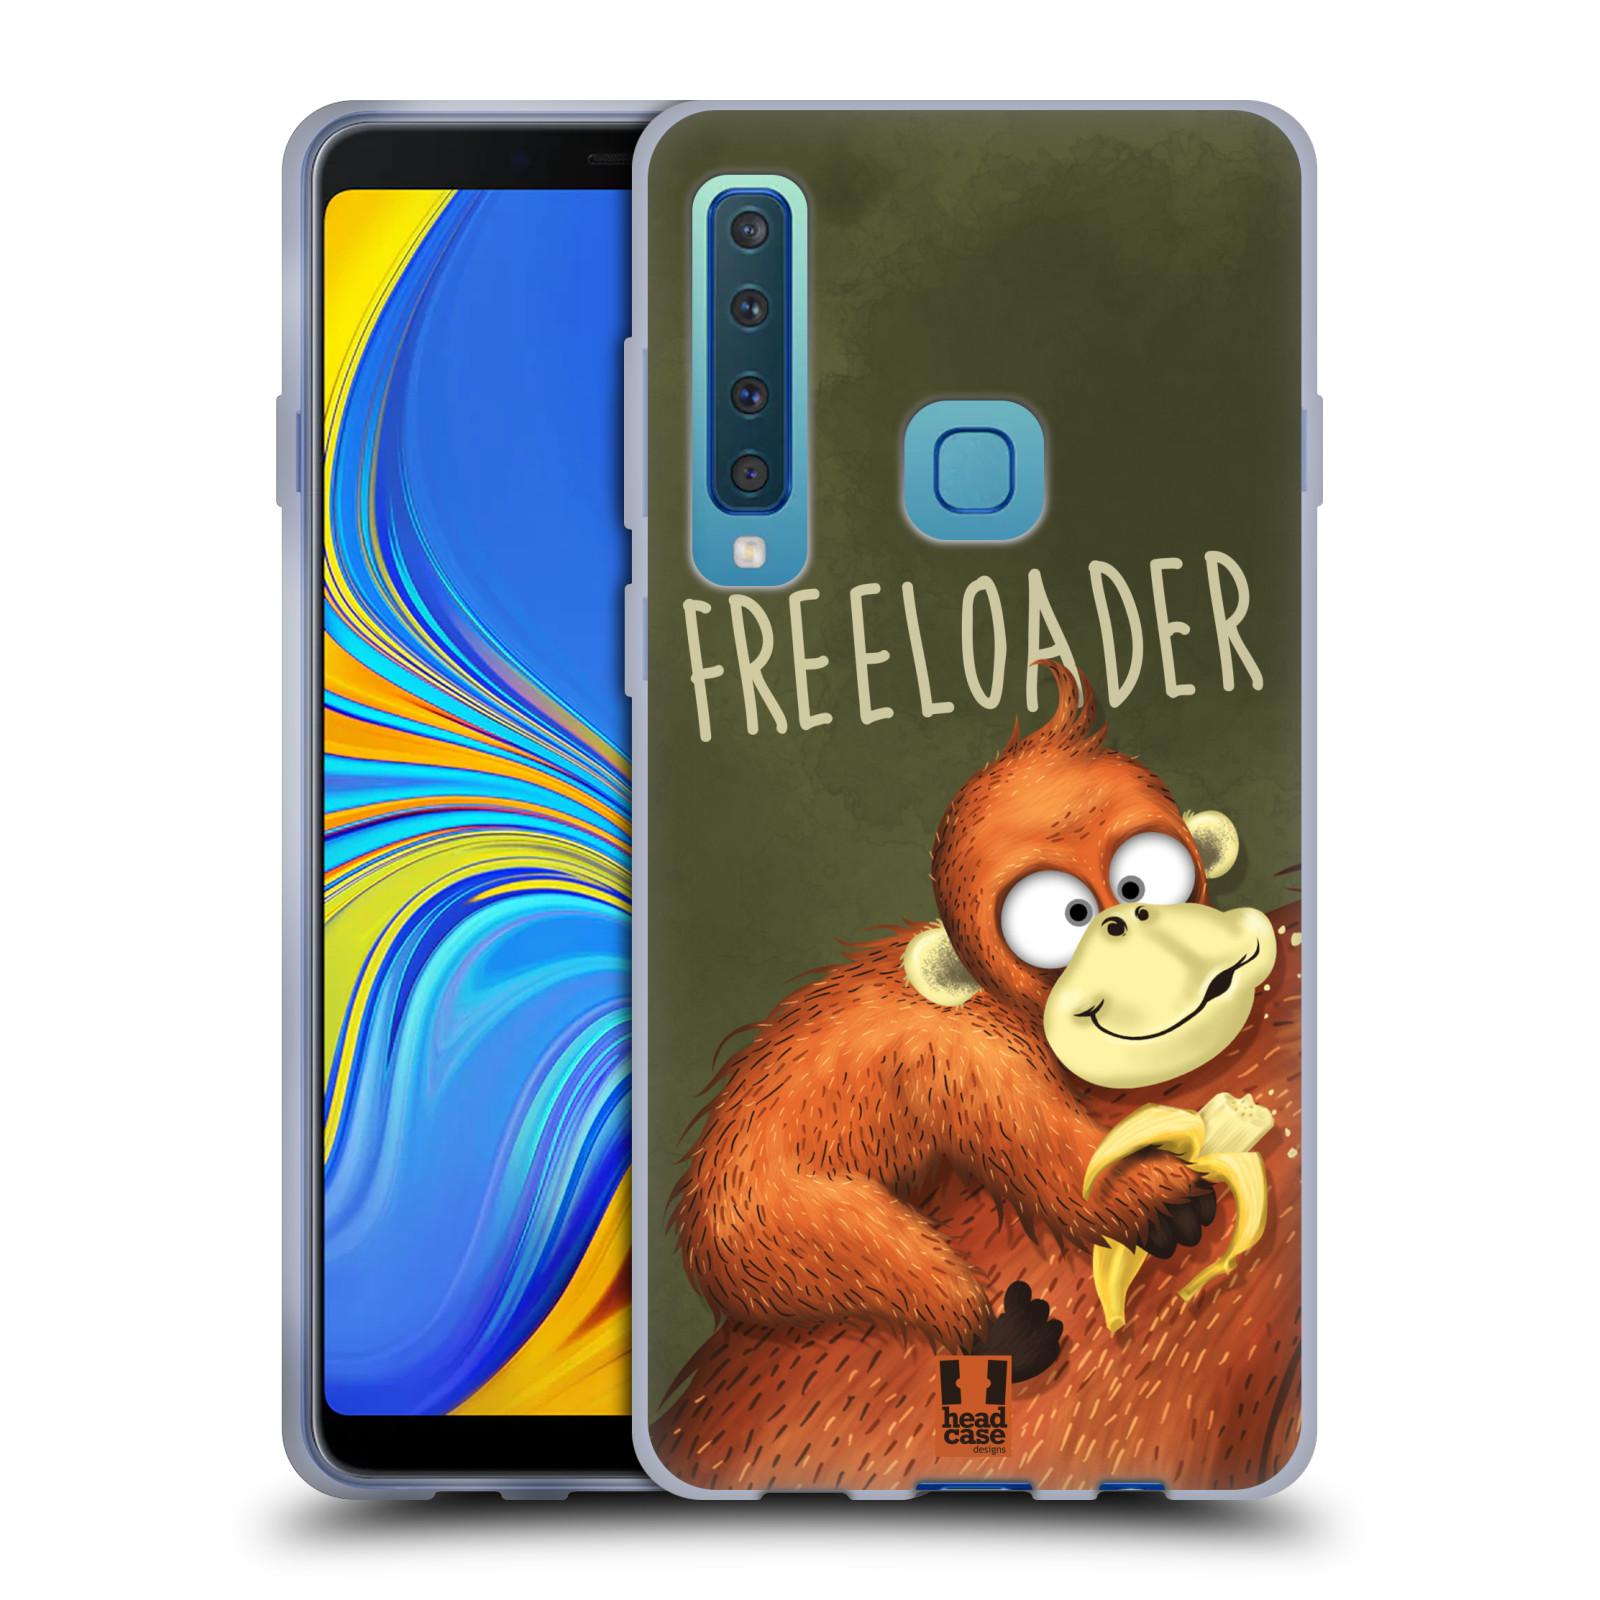 Silikonové pouzdro na mobil Samsung Galaxy A9 (2018) - Head Case - Opičák Freeloader